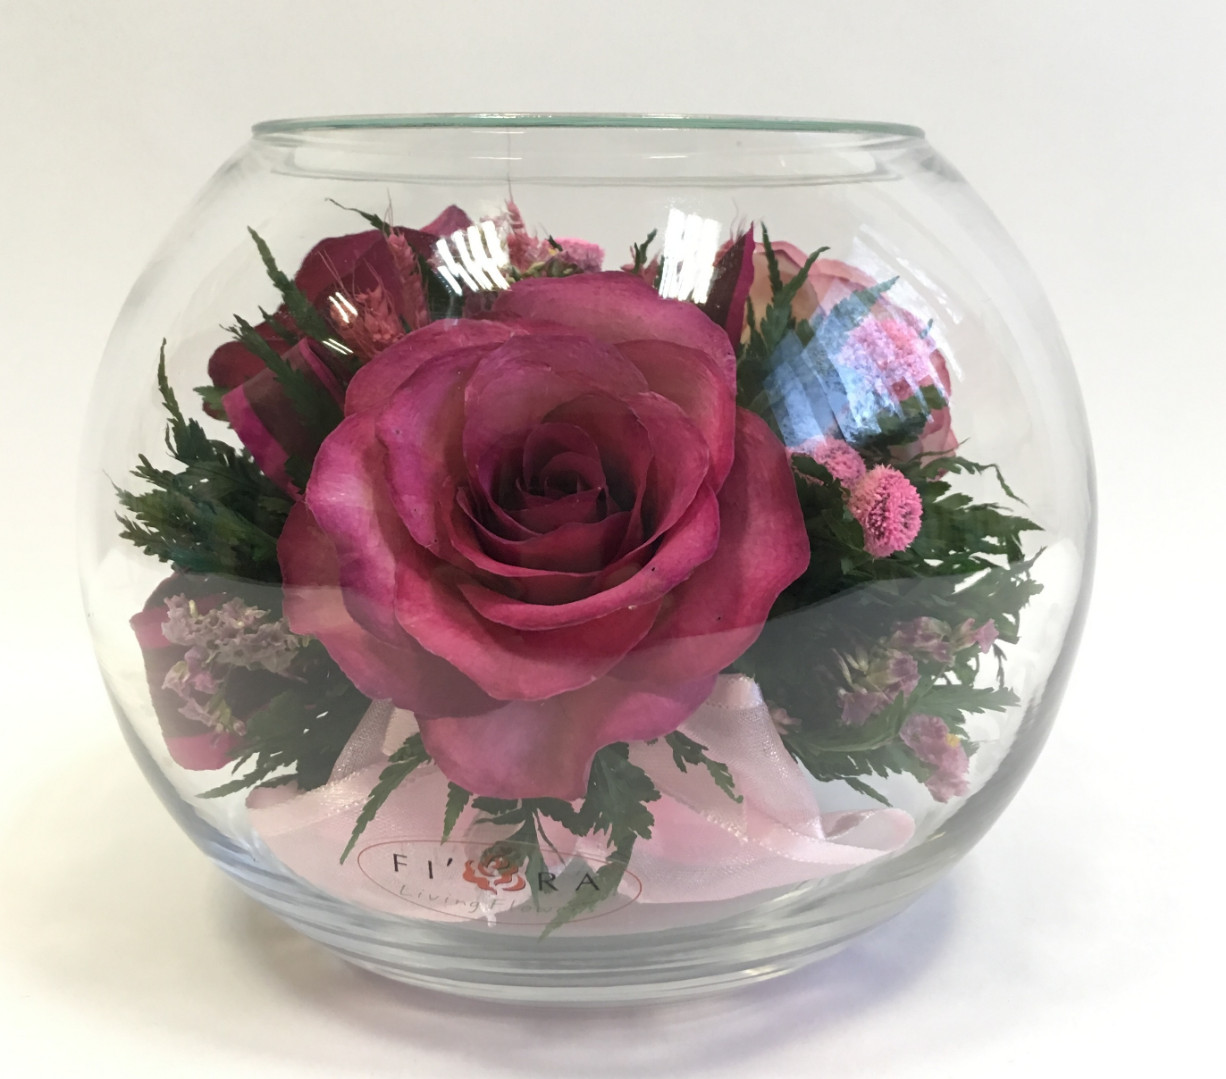 поле как украсить круглую вазу фото победа дается